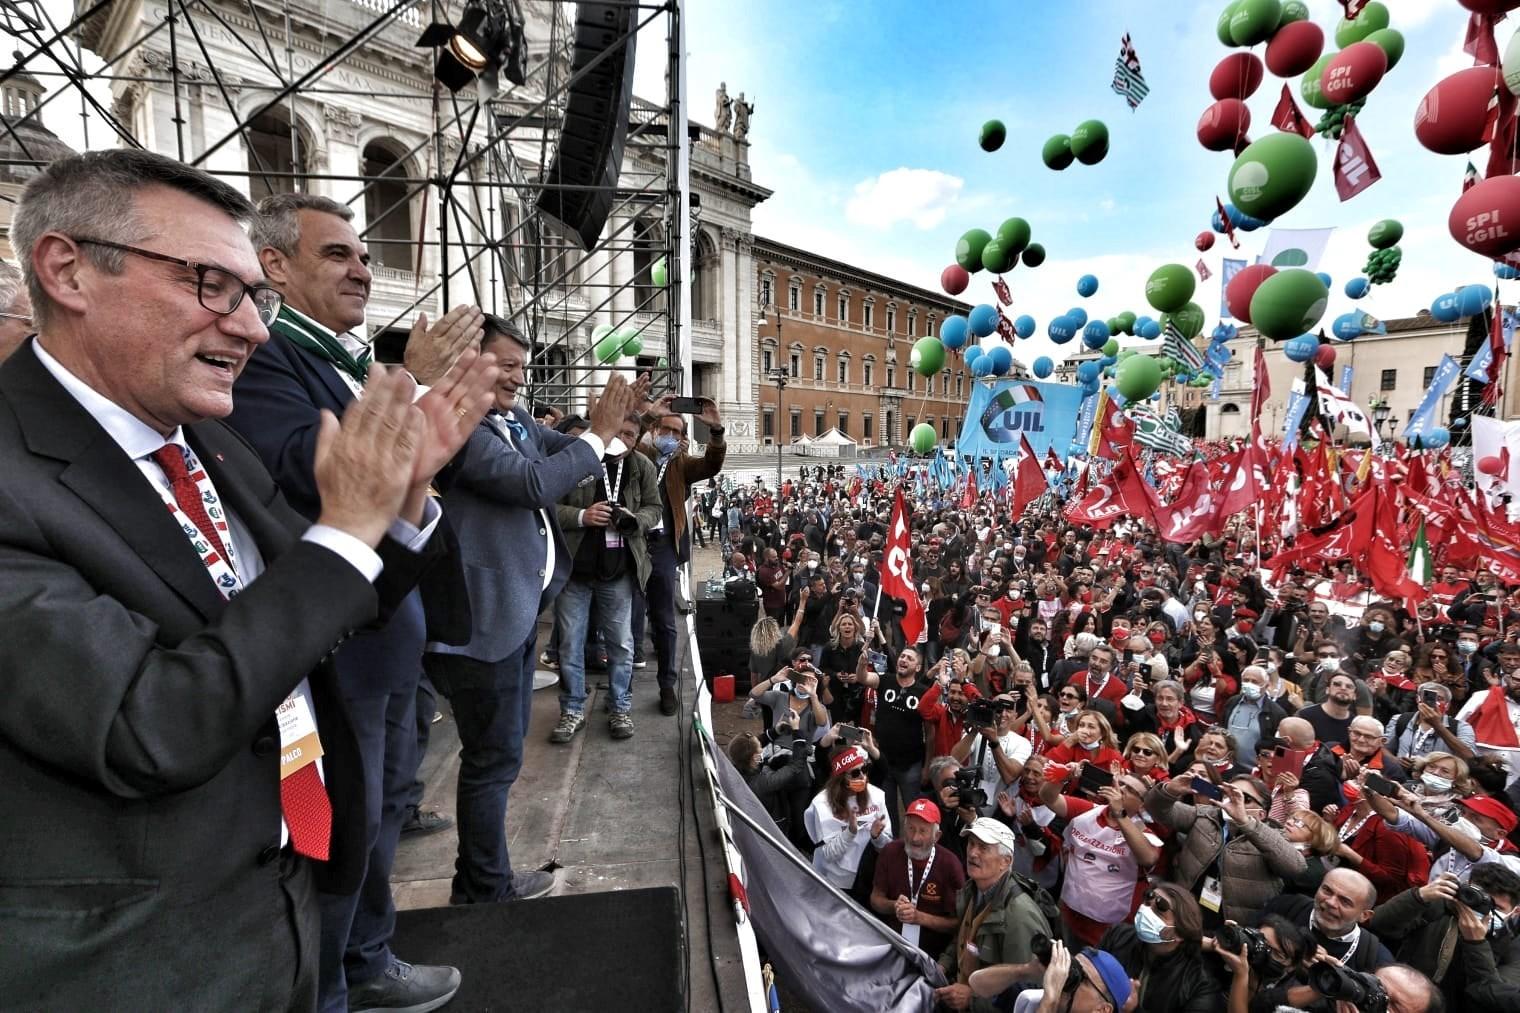 לעולם לא עוד פשיזם: 200 אלף הפגינו במרכז רומא בעקבות קריאת איגודי העובדים